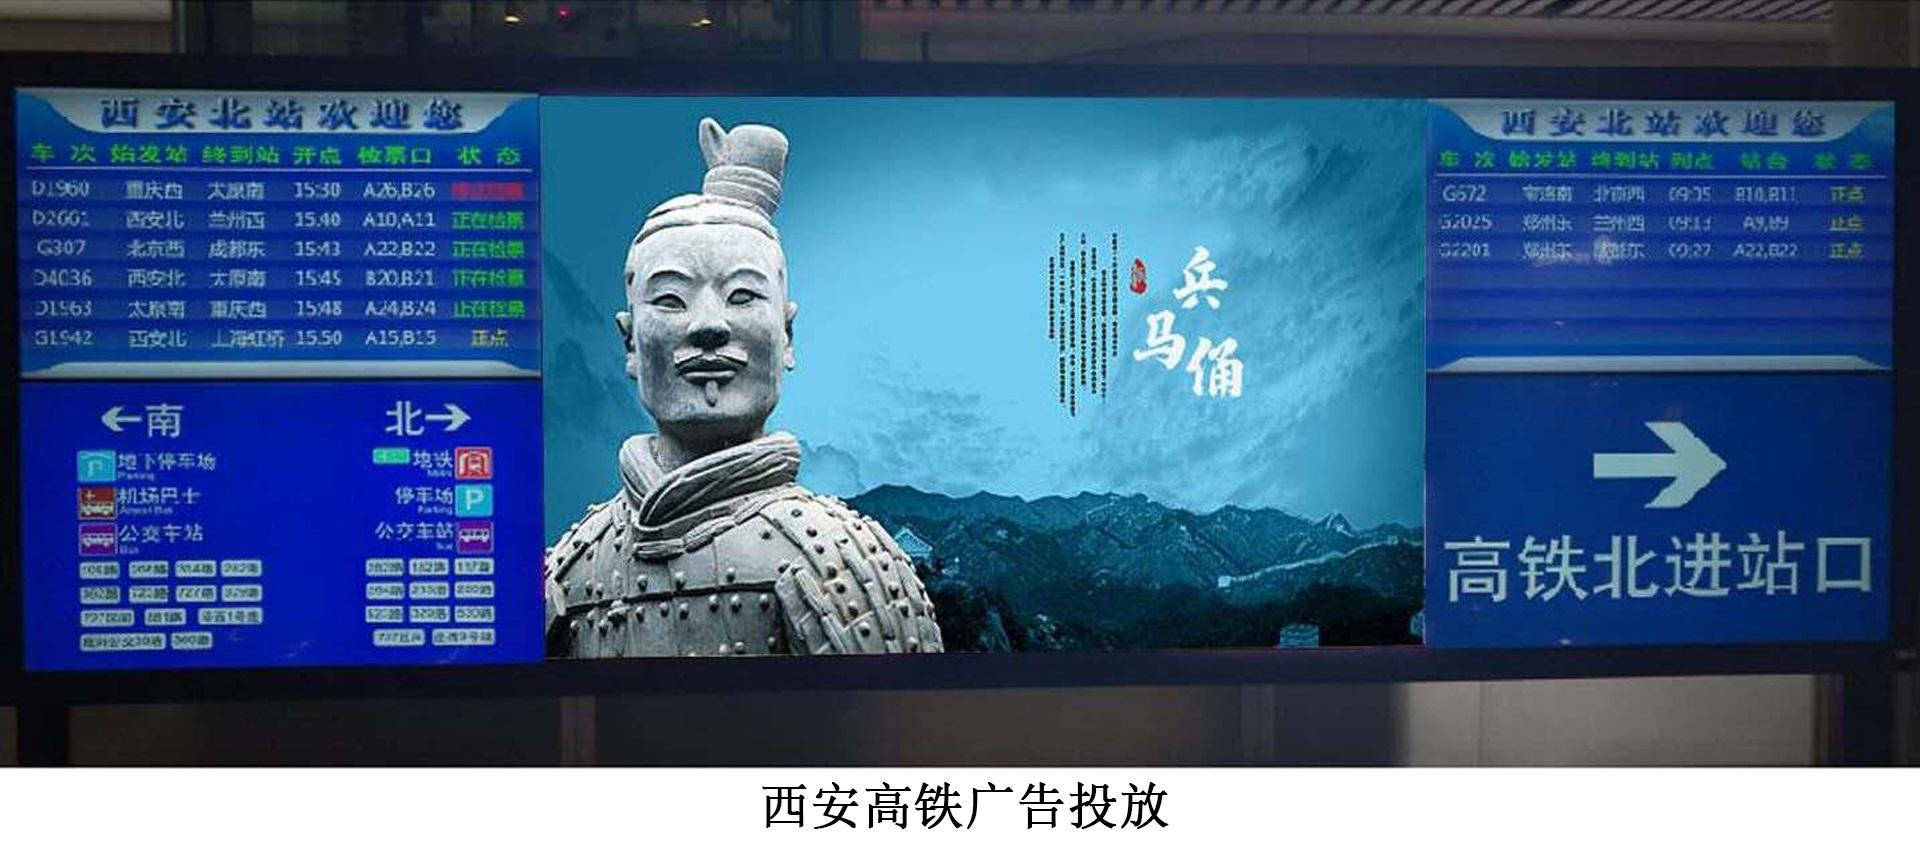 西安高铁广告